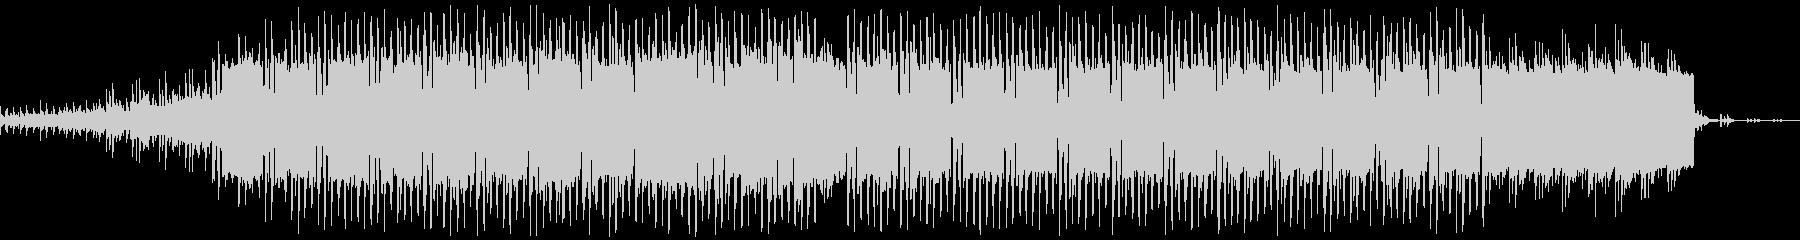 アンビエントミュージック 淡々 テ...の未再生の波形